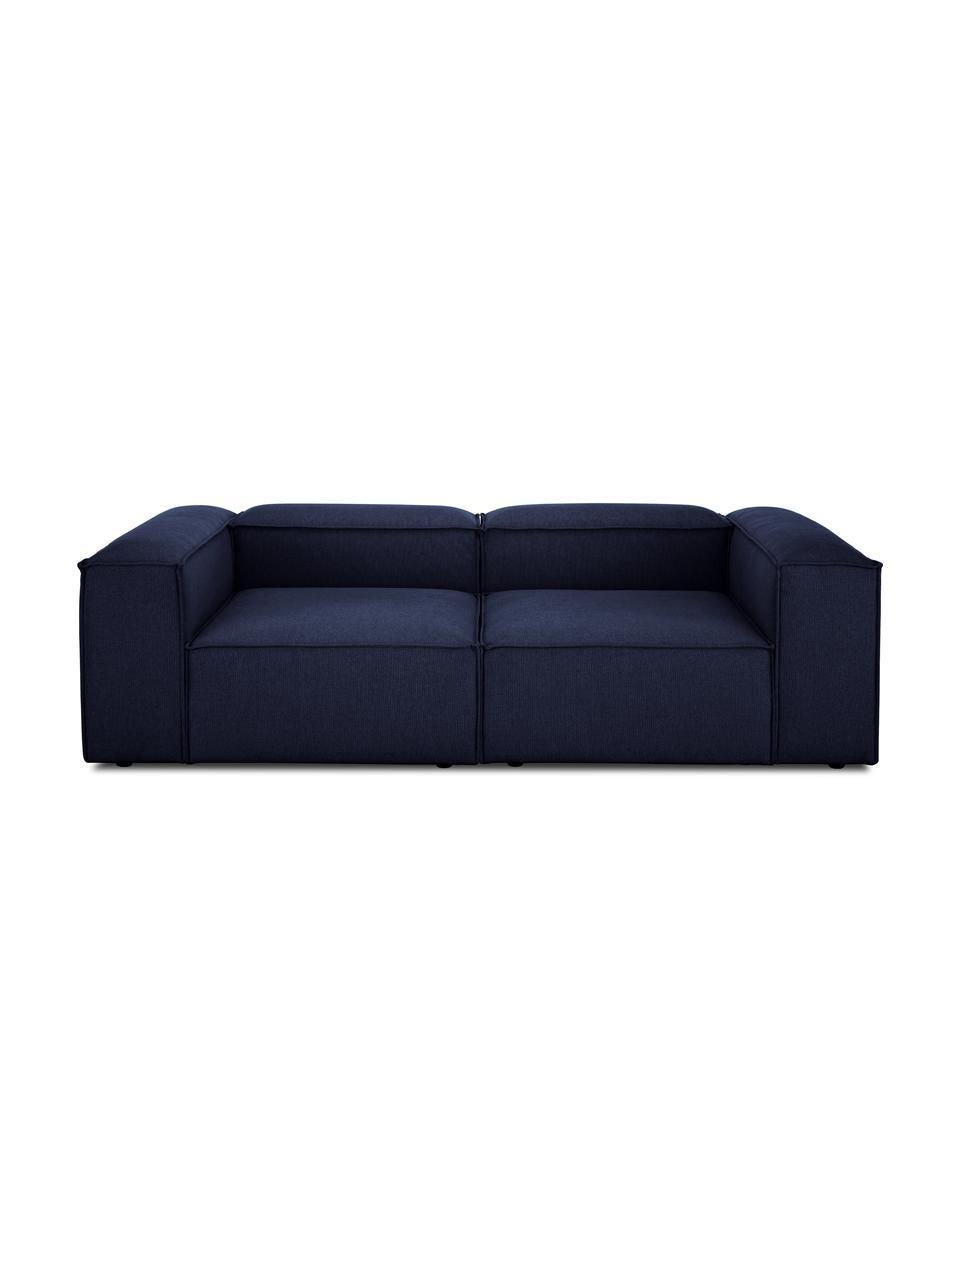 Canapé modulable bleu 3 places Lennon, Tissu bleu